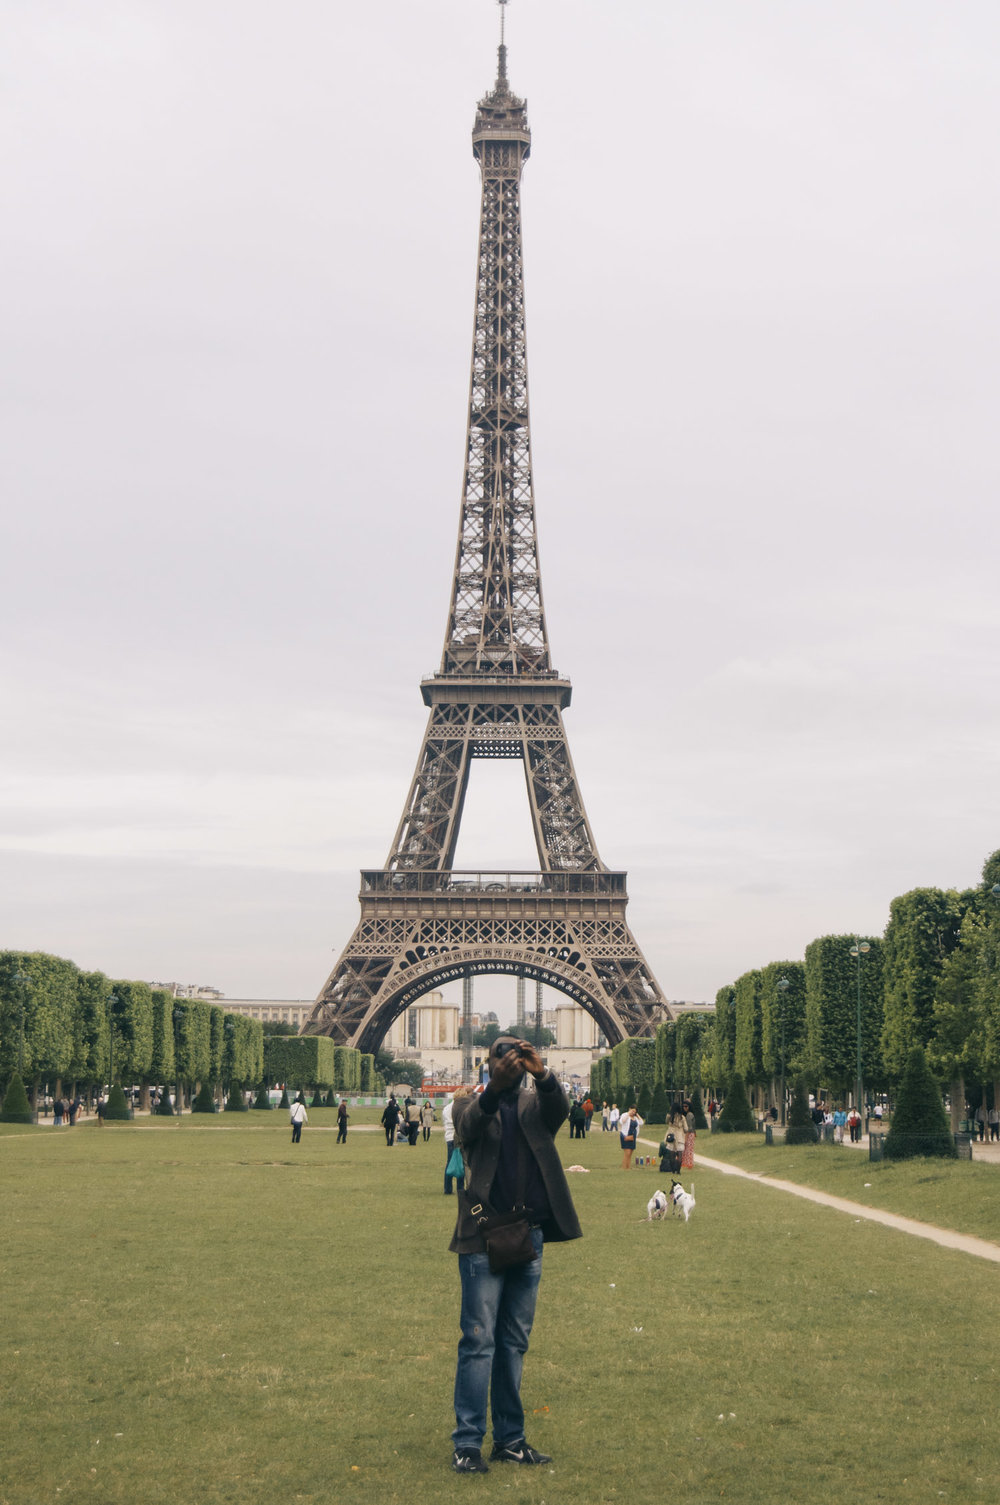 Eiffel Tower - Champ de Mars, 5 Avenue Anatole France, 75007 Paris, France